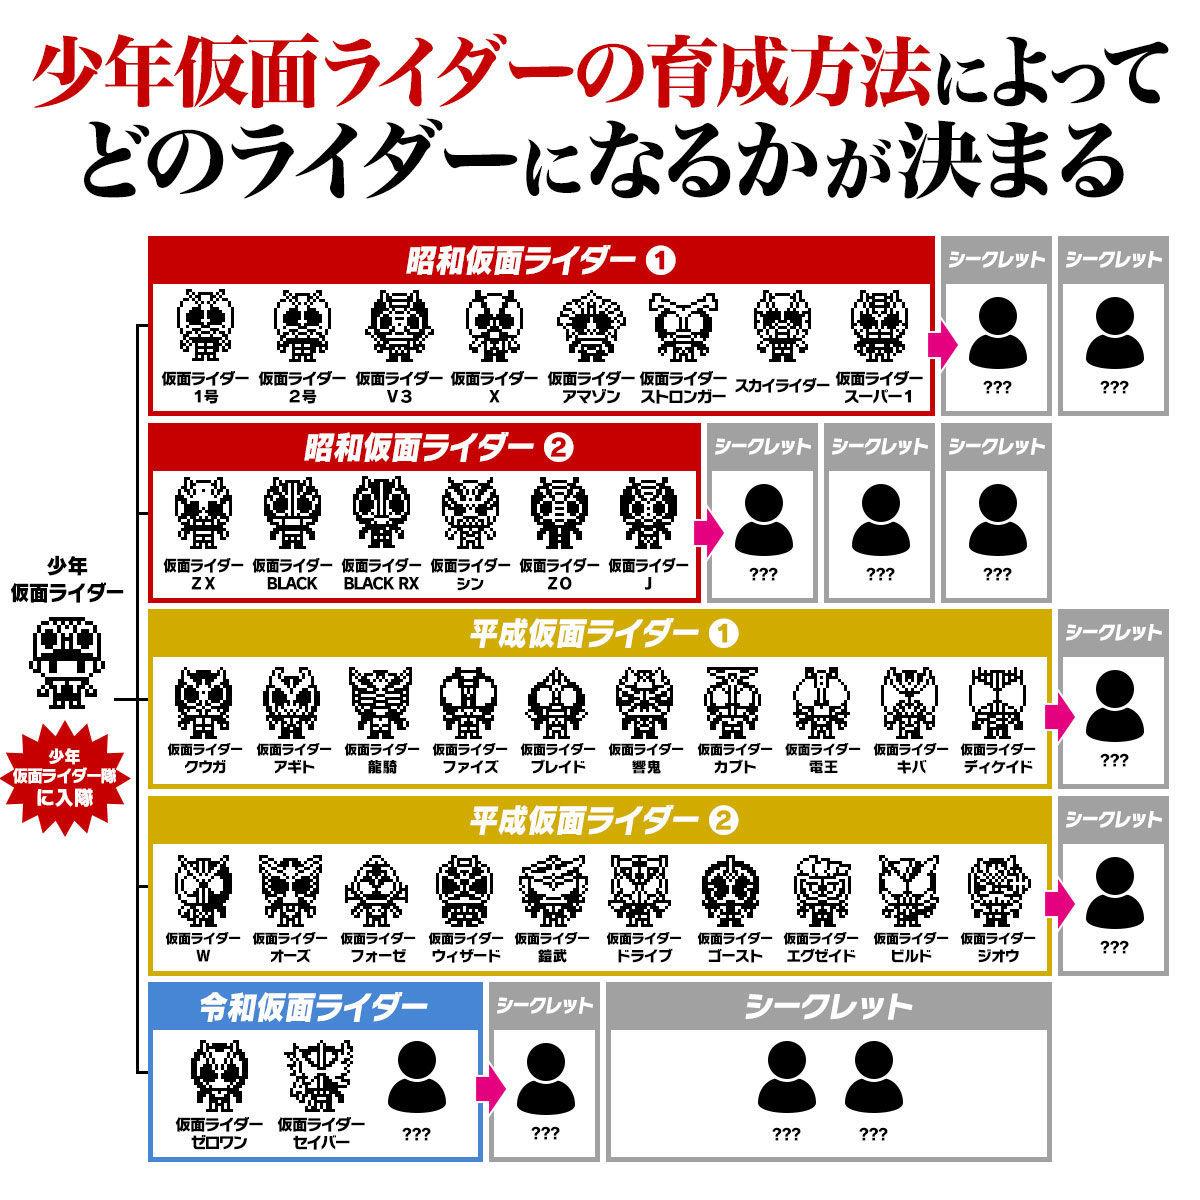 【限定販売】仮面ライダーシリーズ『仮面ライダーっち 50thアニバーサリーVer.』たまごっちnano-004